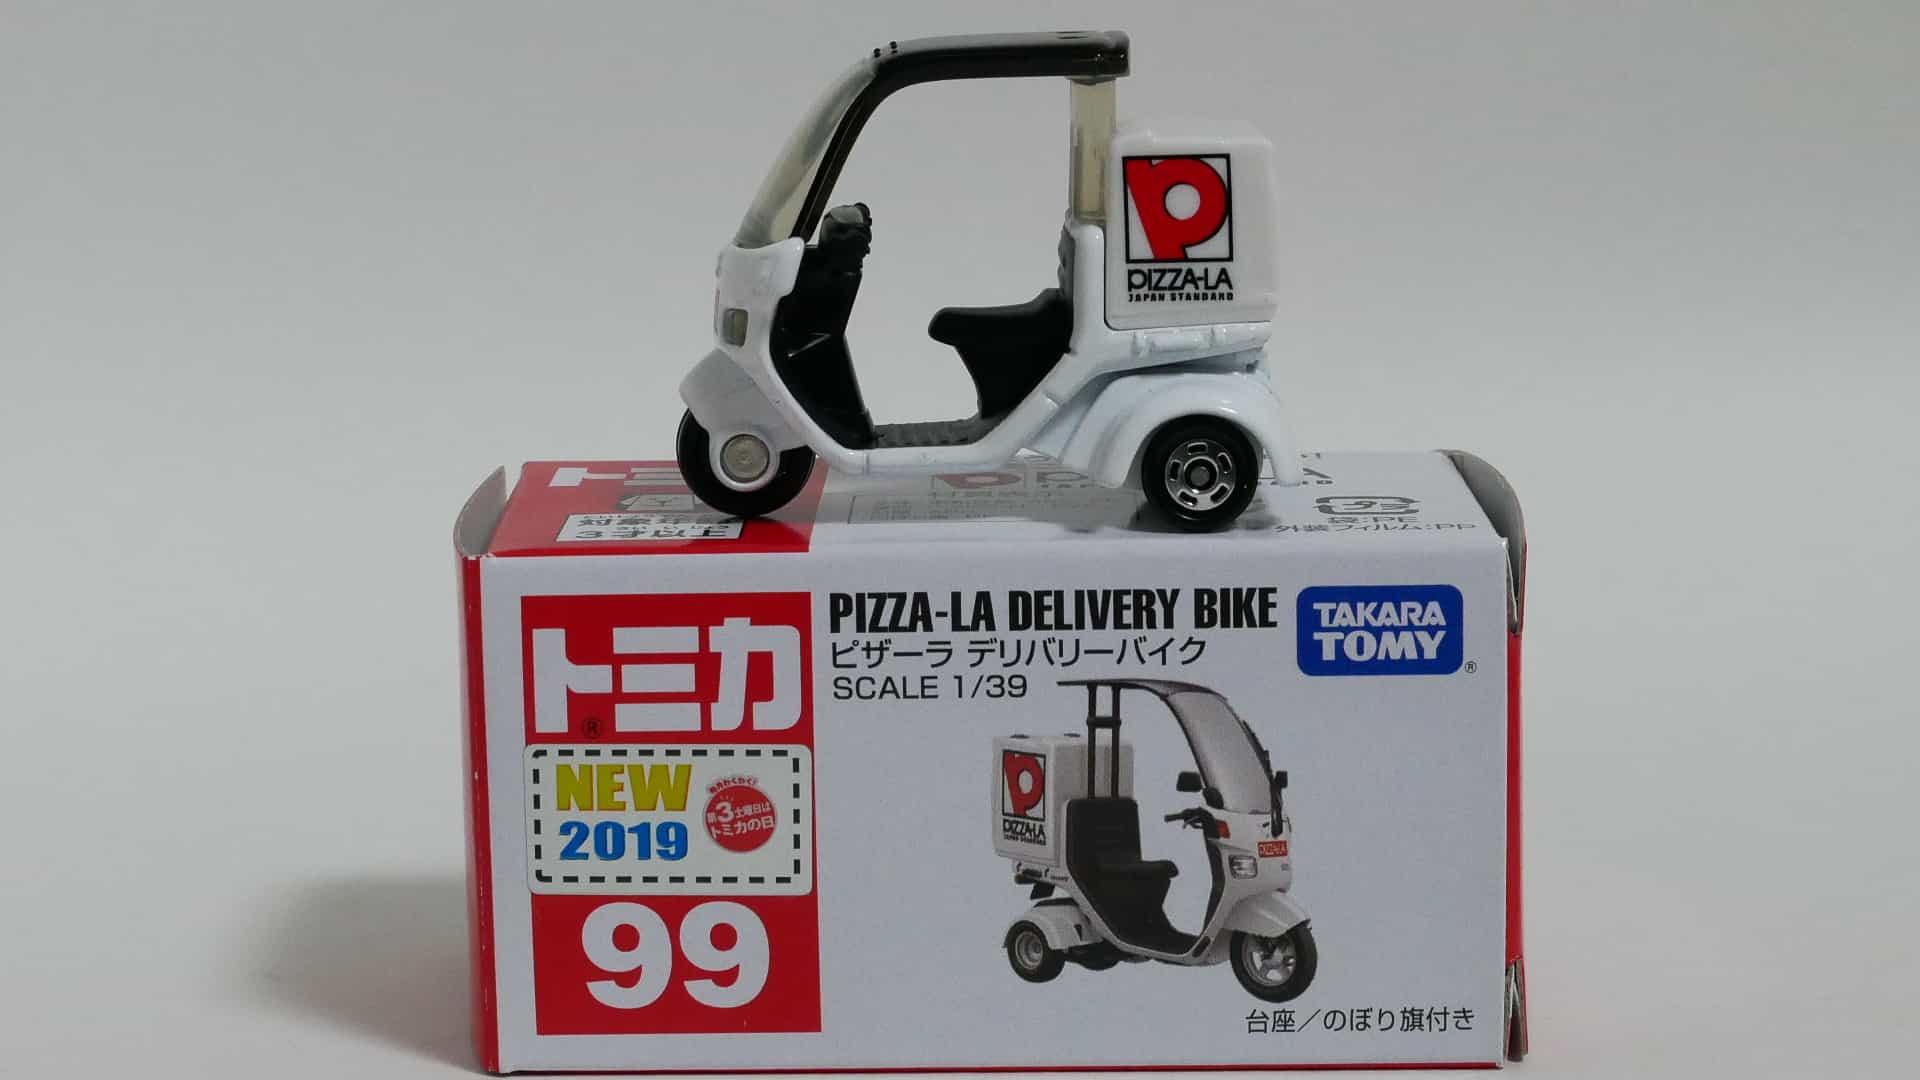 トミカNo.99-9ピザーラデリバリーバイク-箱